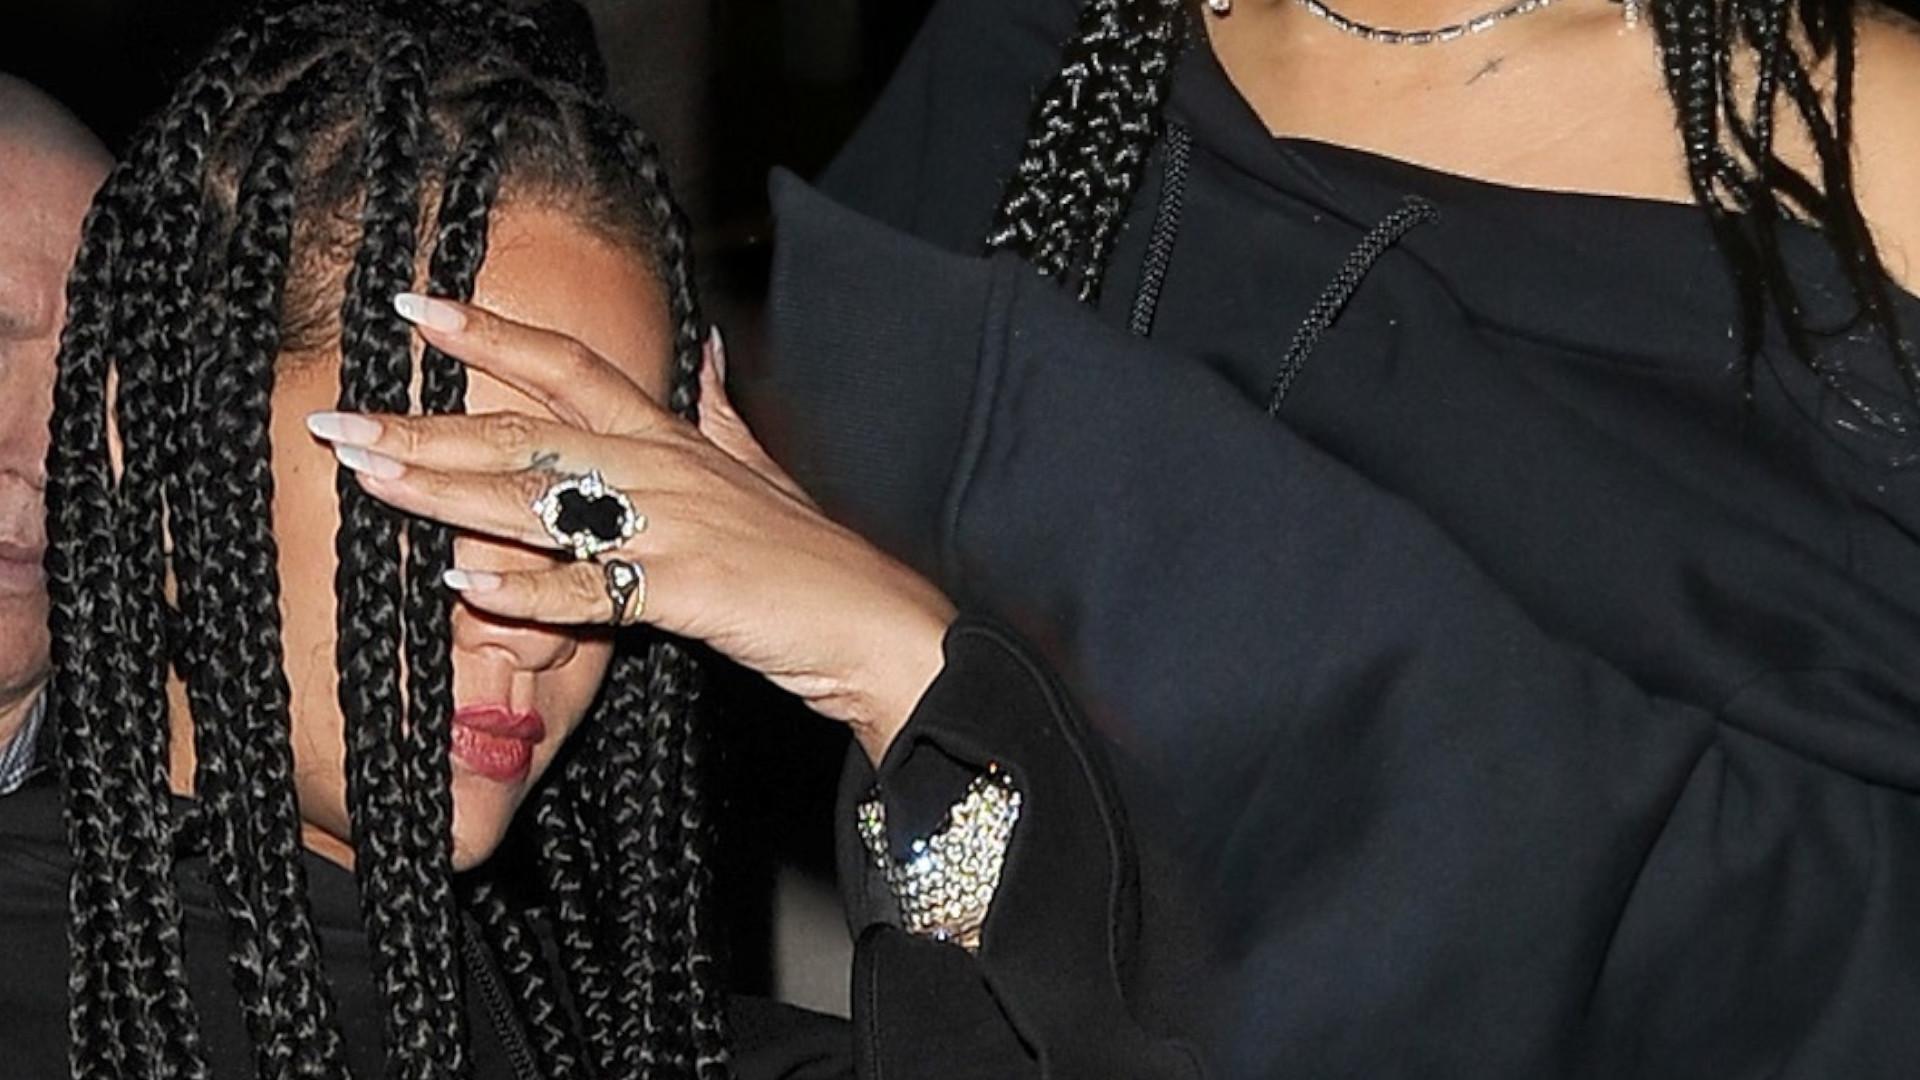 Też wracacie jak Rihanna z imprezy o 6 rano? Mocno zaszalała na afterparty BAFTA (ZDJĘCIA)